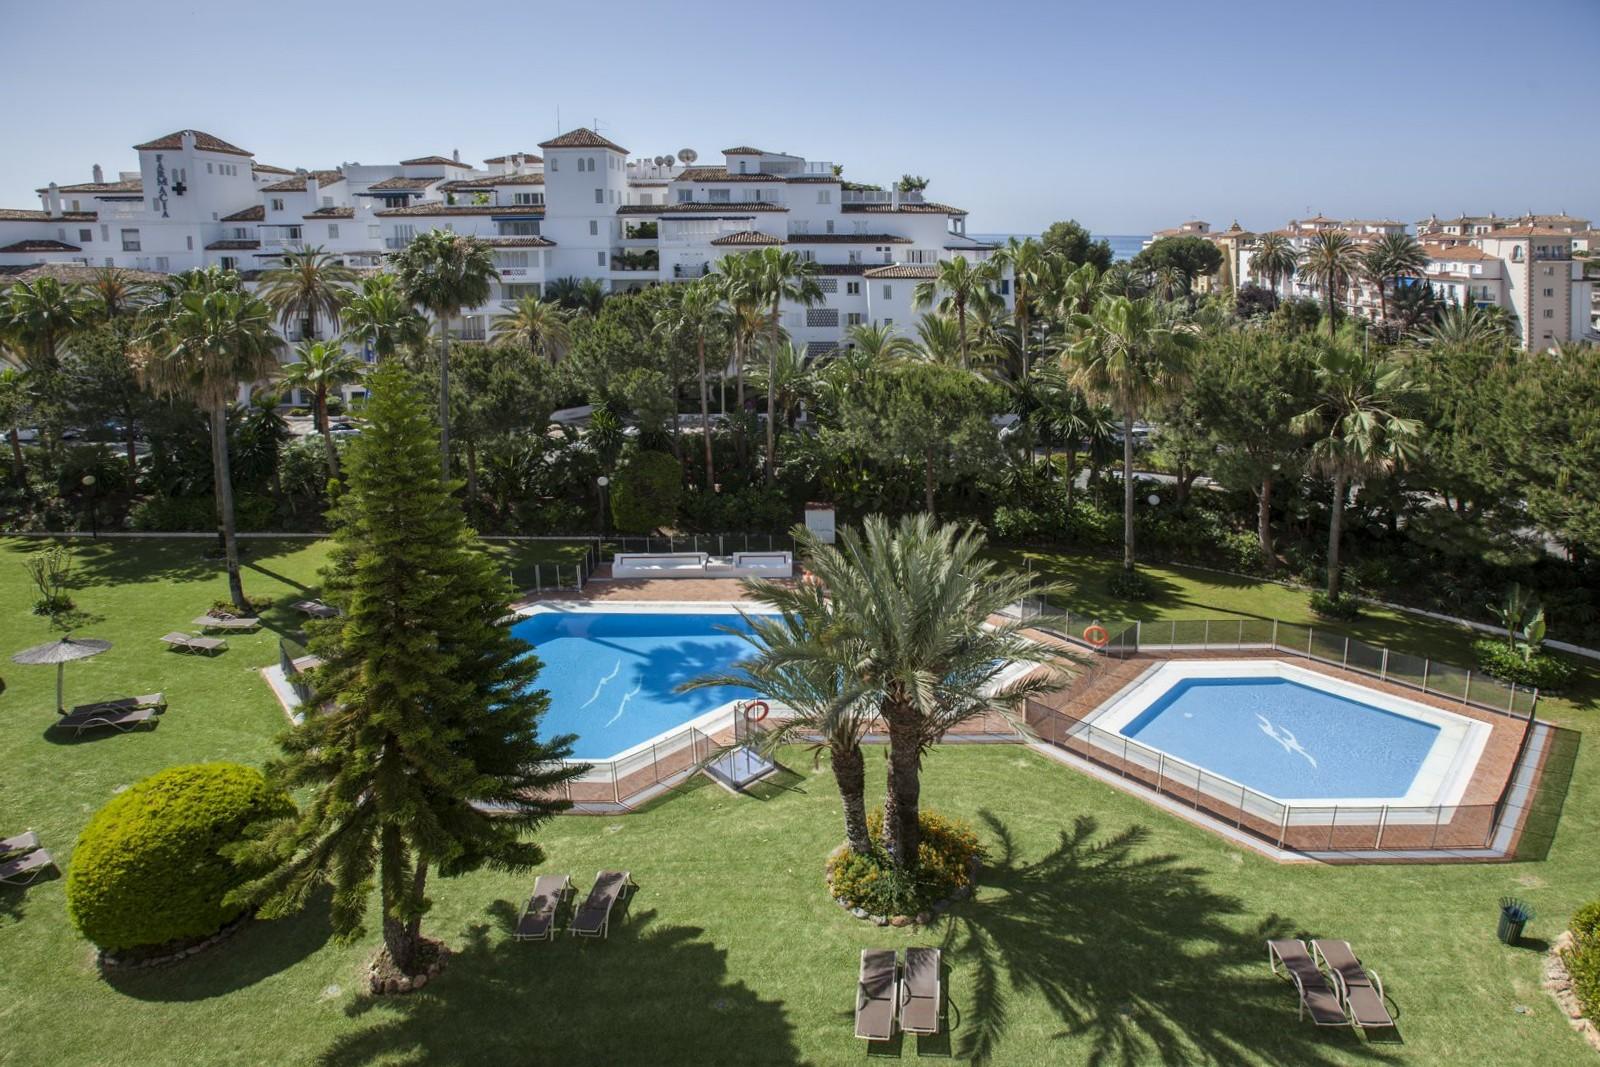 Wie standhaft ist die Wiedergewinnung des Immobilienmarkts in Marbella wirklich?